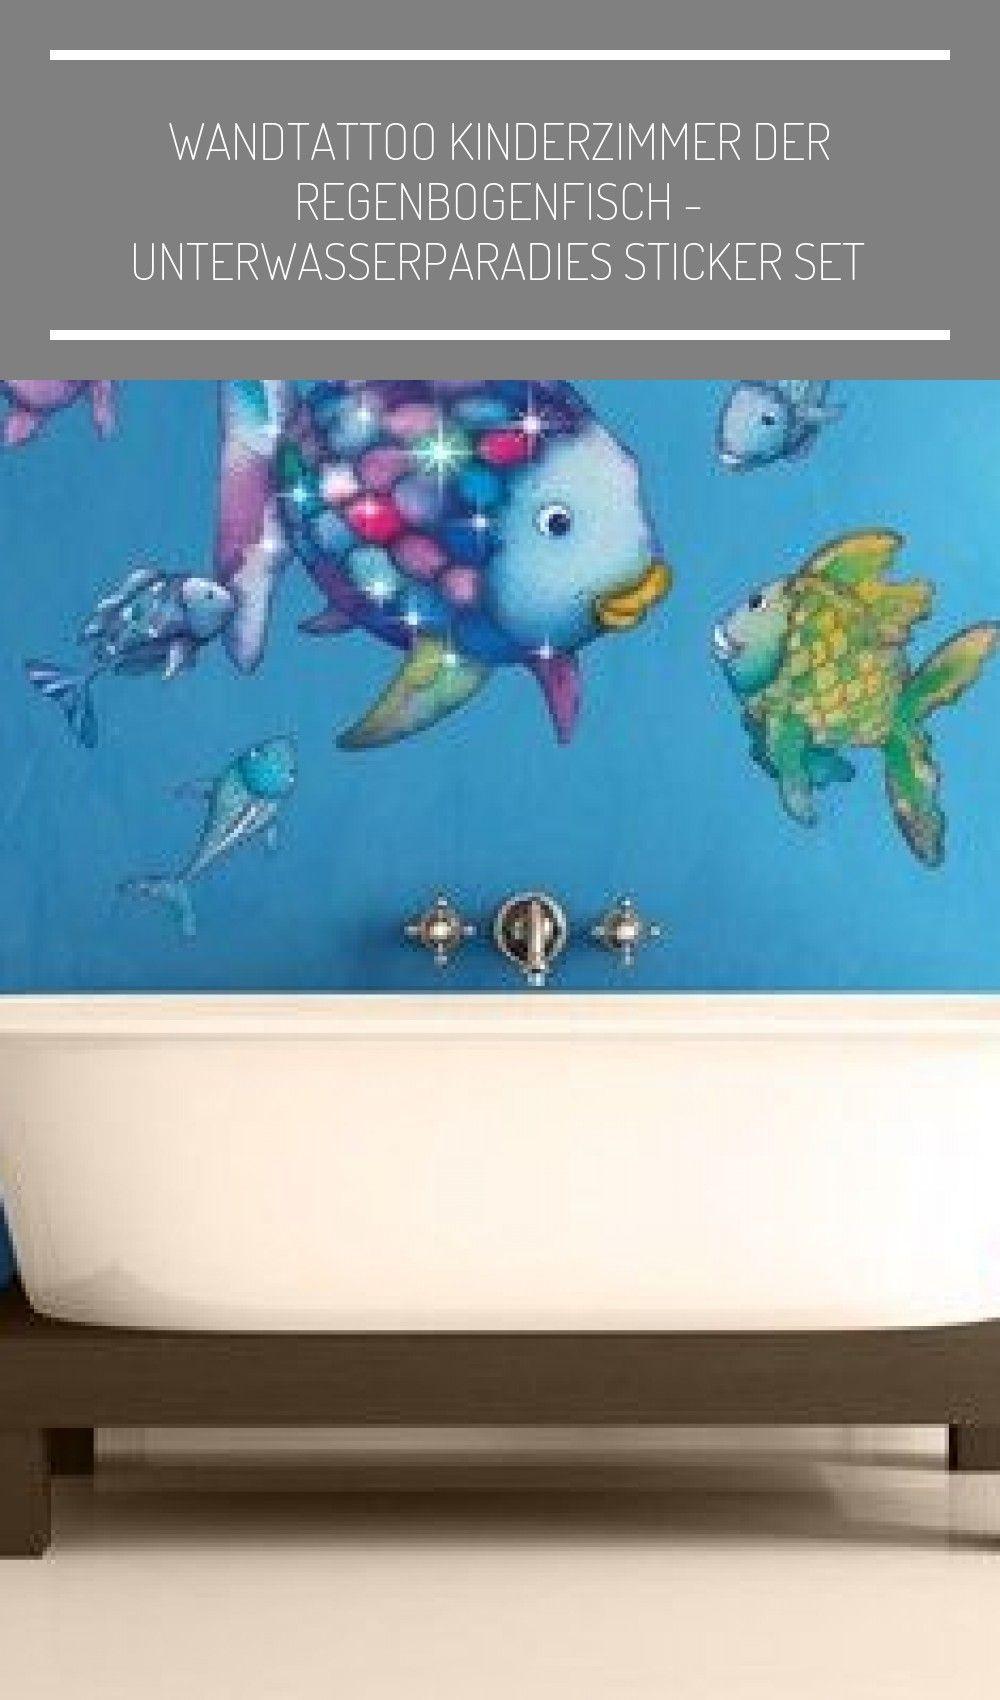 Wandtattoo Kinderzimmer Das Rainbow Fish Underwater Paradise Sticker Set In 2020 Wandtattoo Kinderzimmer Kinderzimmer Kinder Zimmer